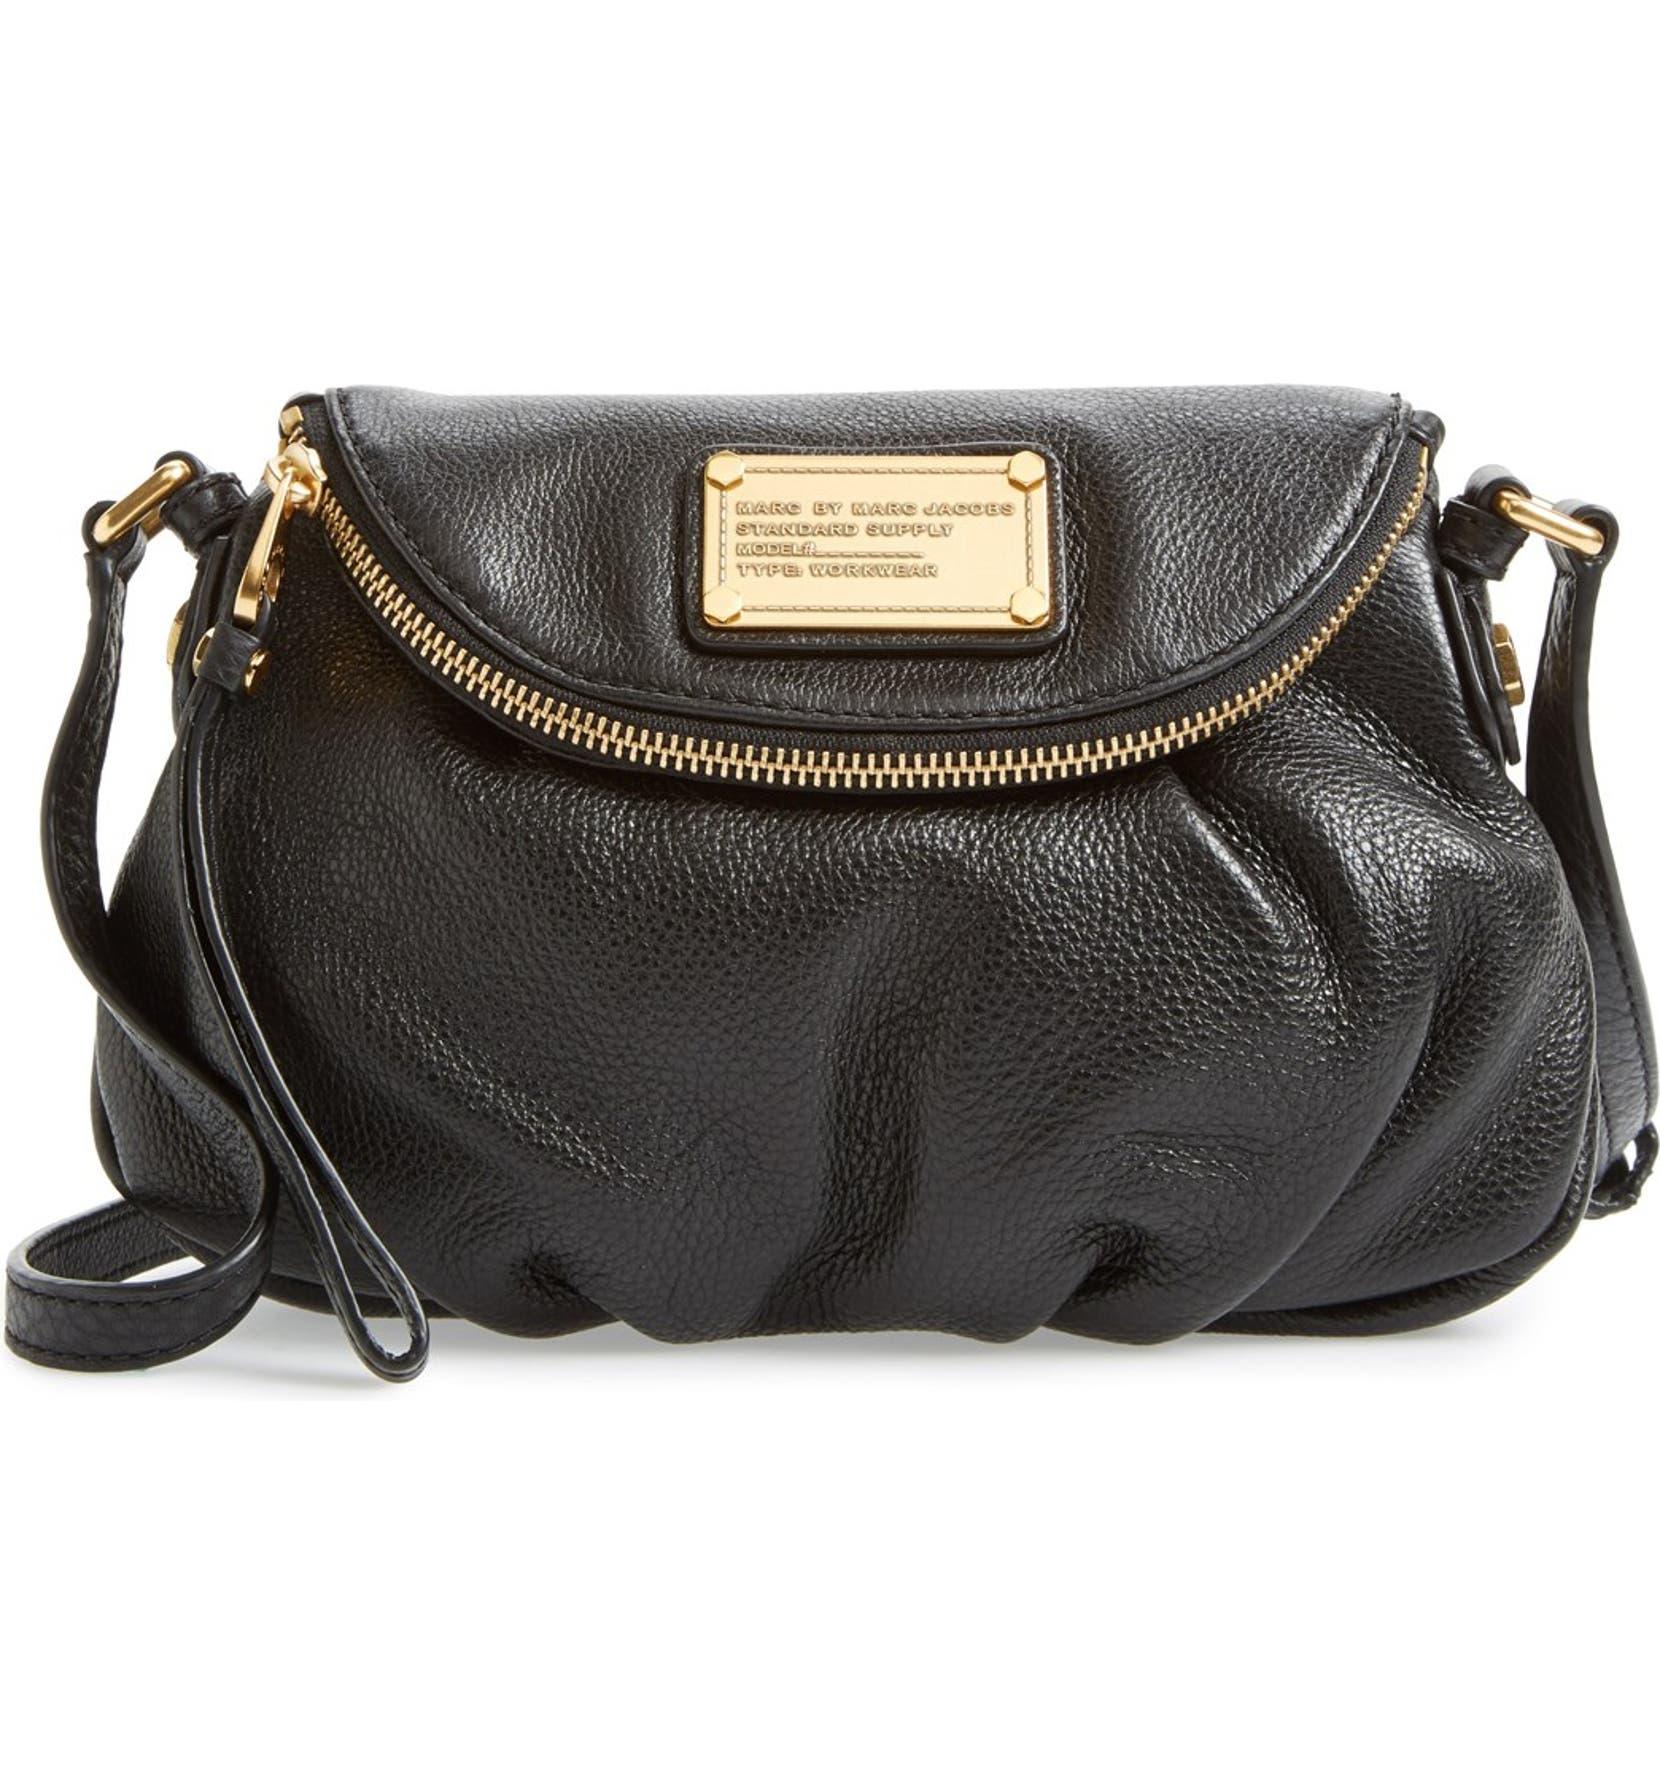 13a7c105ec MARC BY MARC JACOBS 'Classic Q Natasha - Mini' Crossbody Flap Bag |  Nordstrom